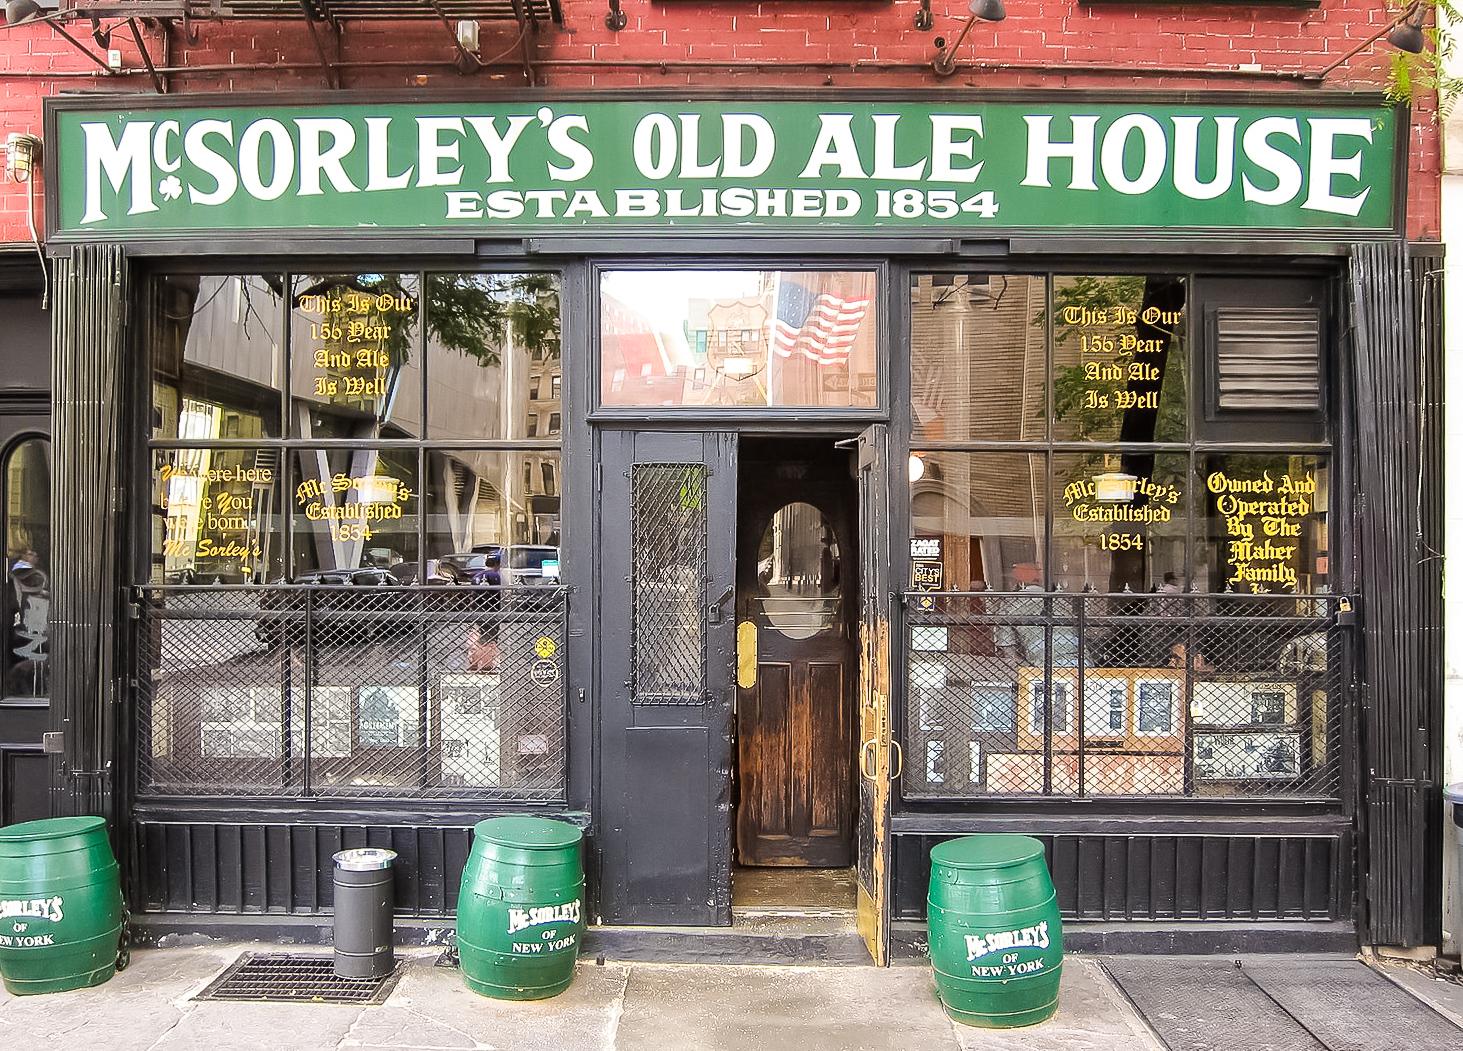 Established in 1854, Abraham Lincoln once visited McSorley's